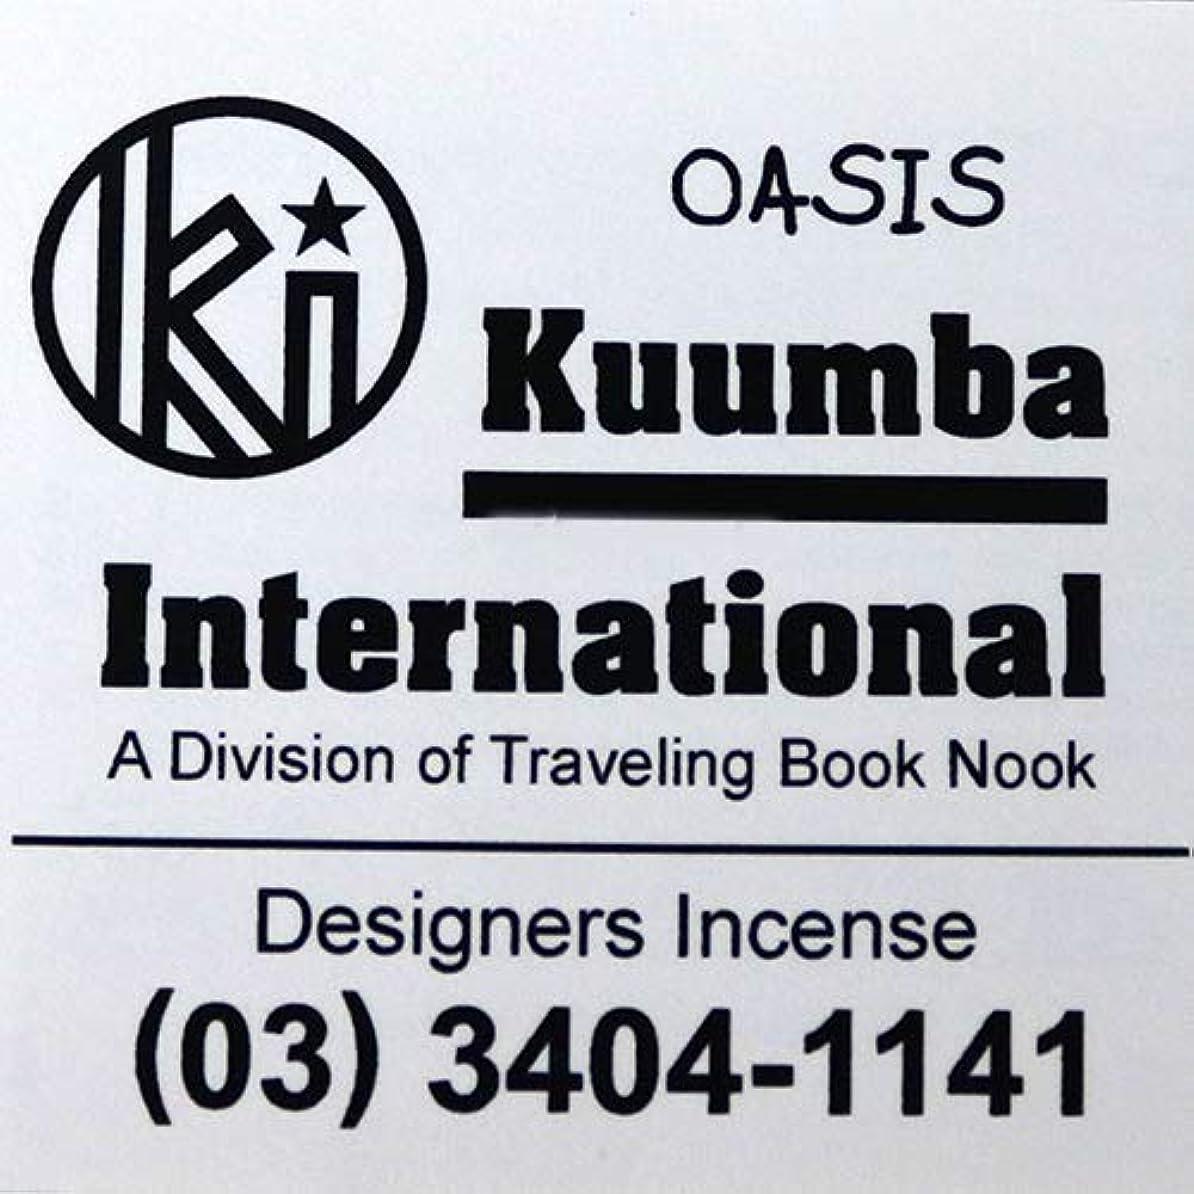 量タイマー応じる(クンバ) KUUMBA『incense』(OASIS) (OASIS, Regular size)